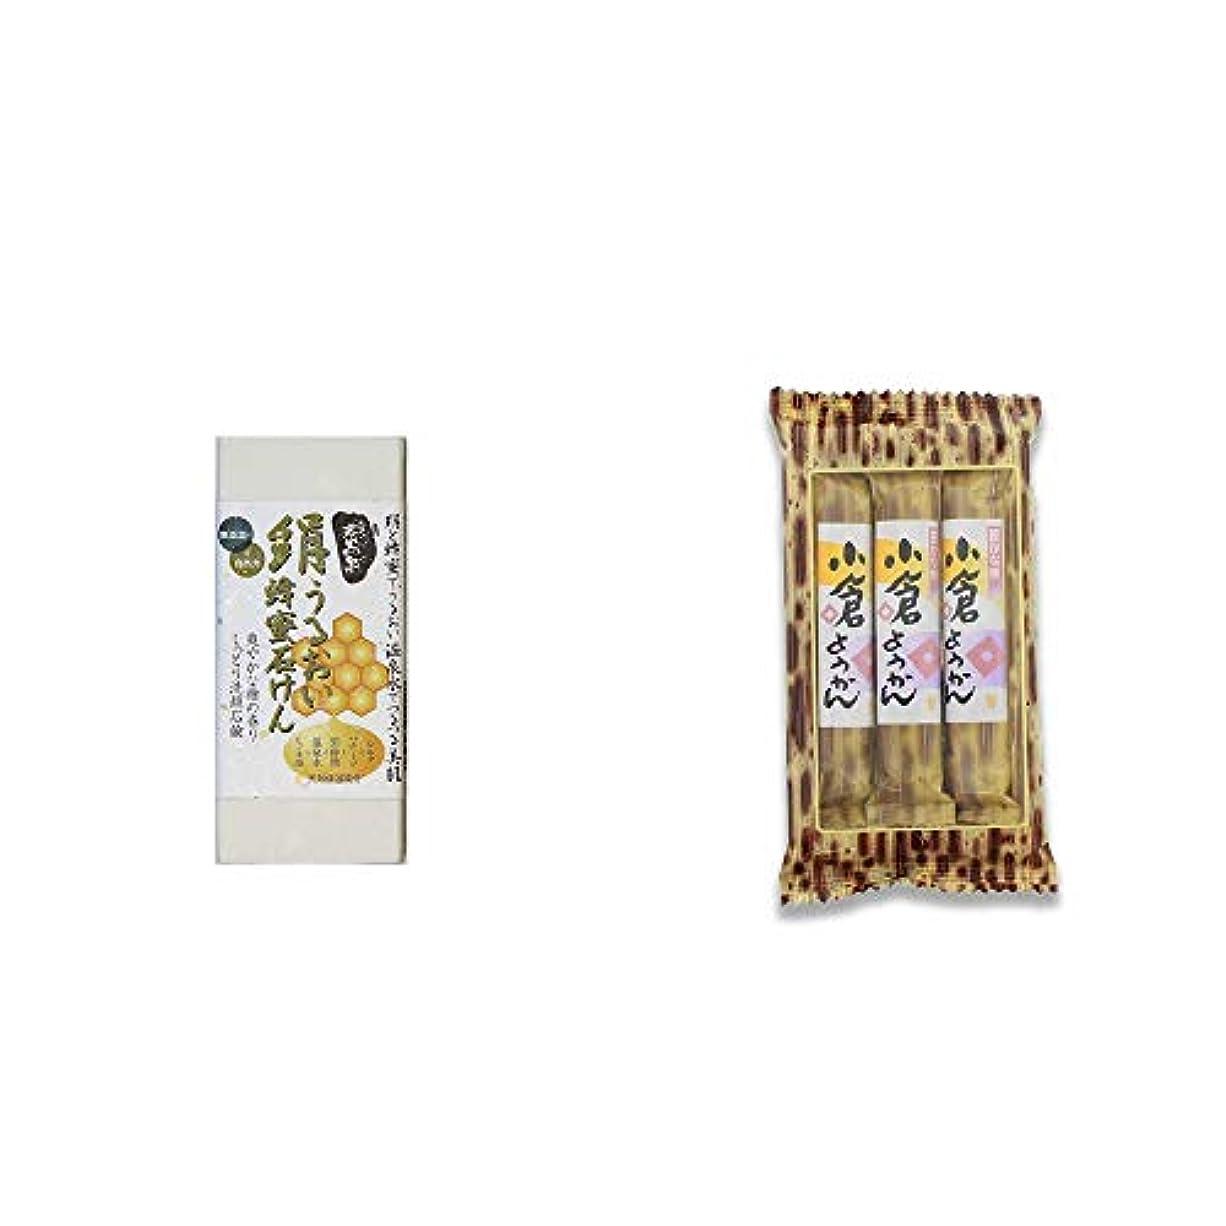 耐えられない行スプレー[2点セット] ひのき炭黒泉 絹うるおい蜂蜜石けん(75g×2)?スティックようかん[小倉](50g×3本)